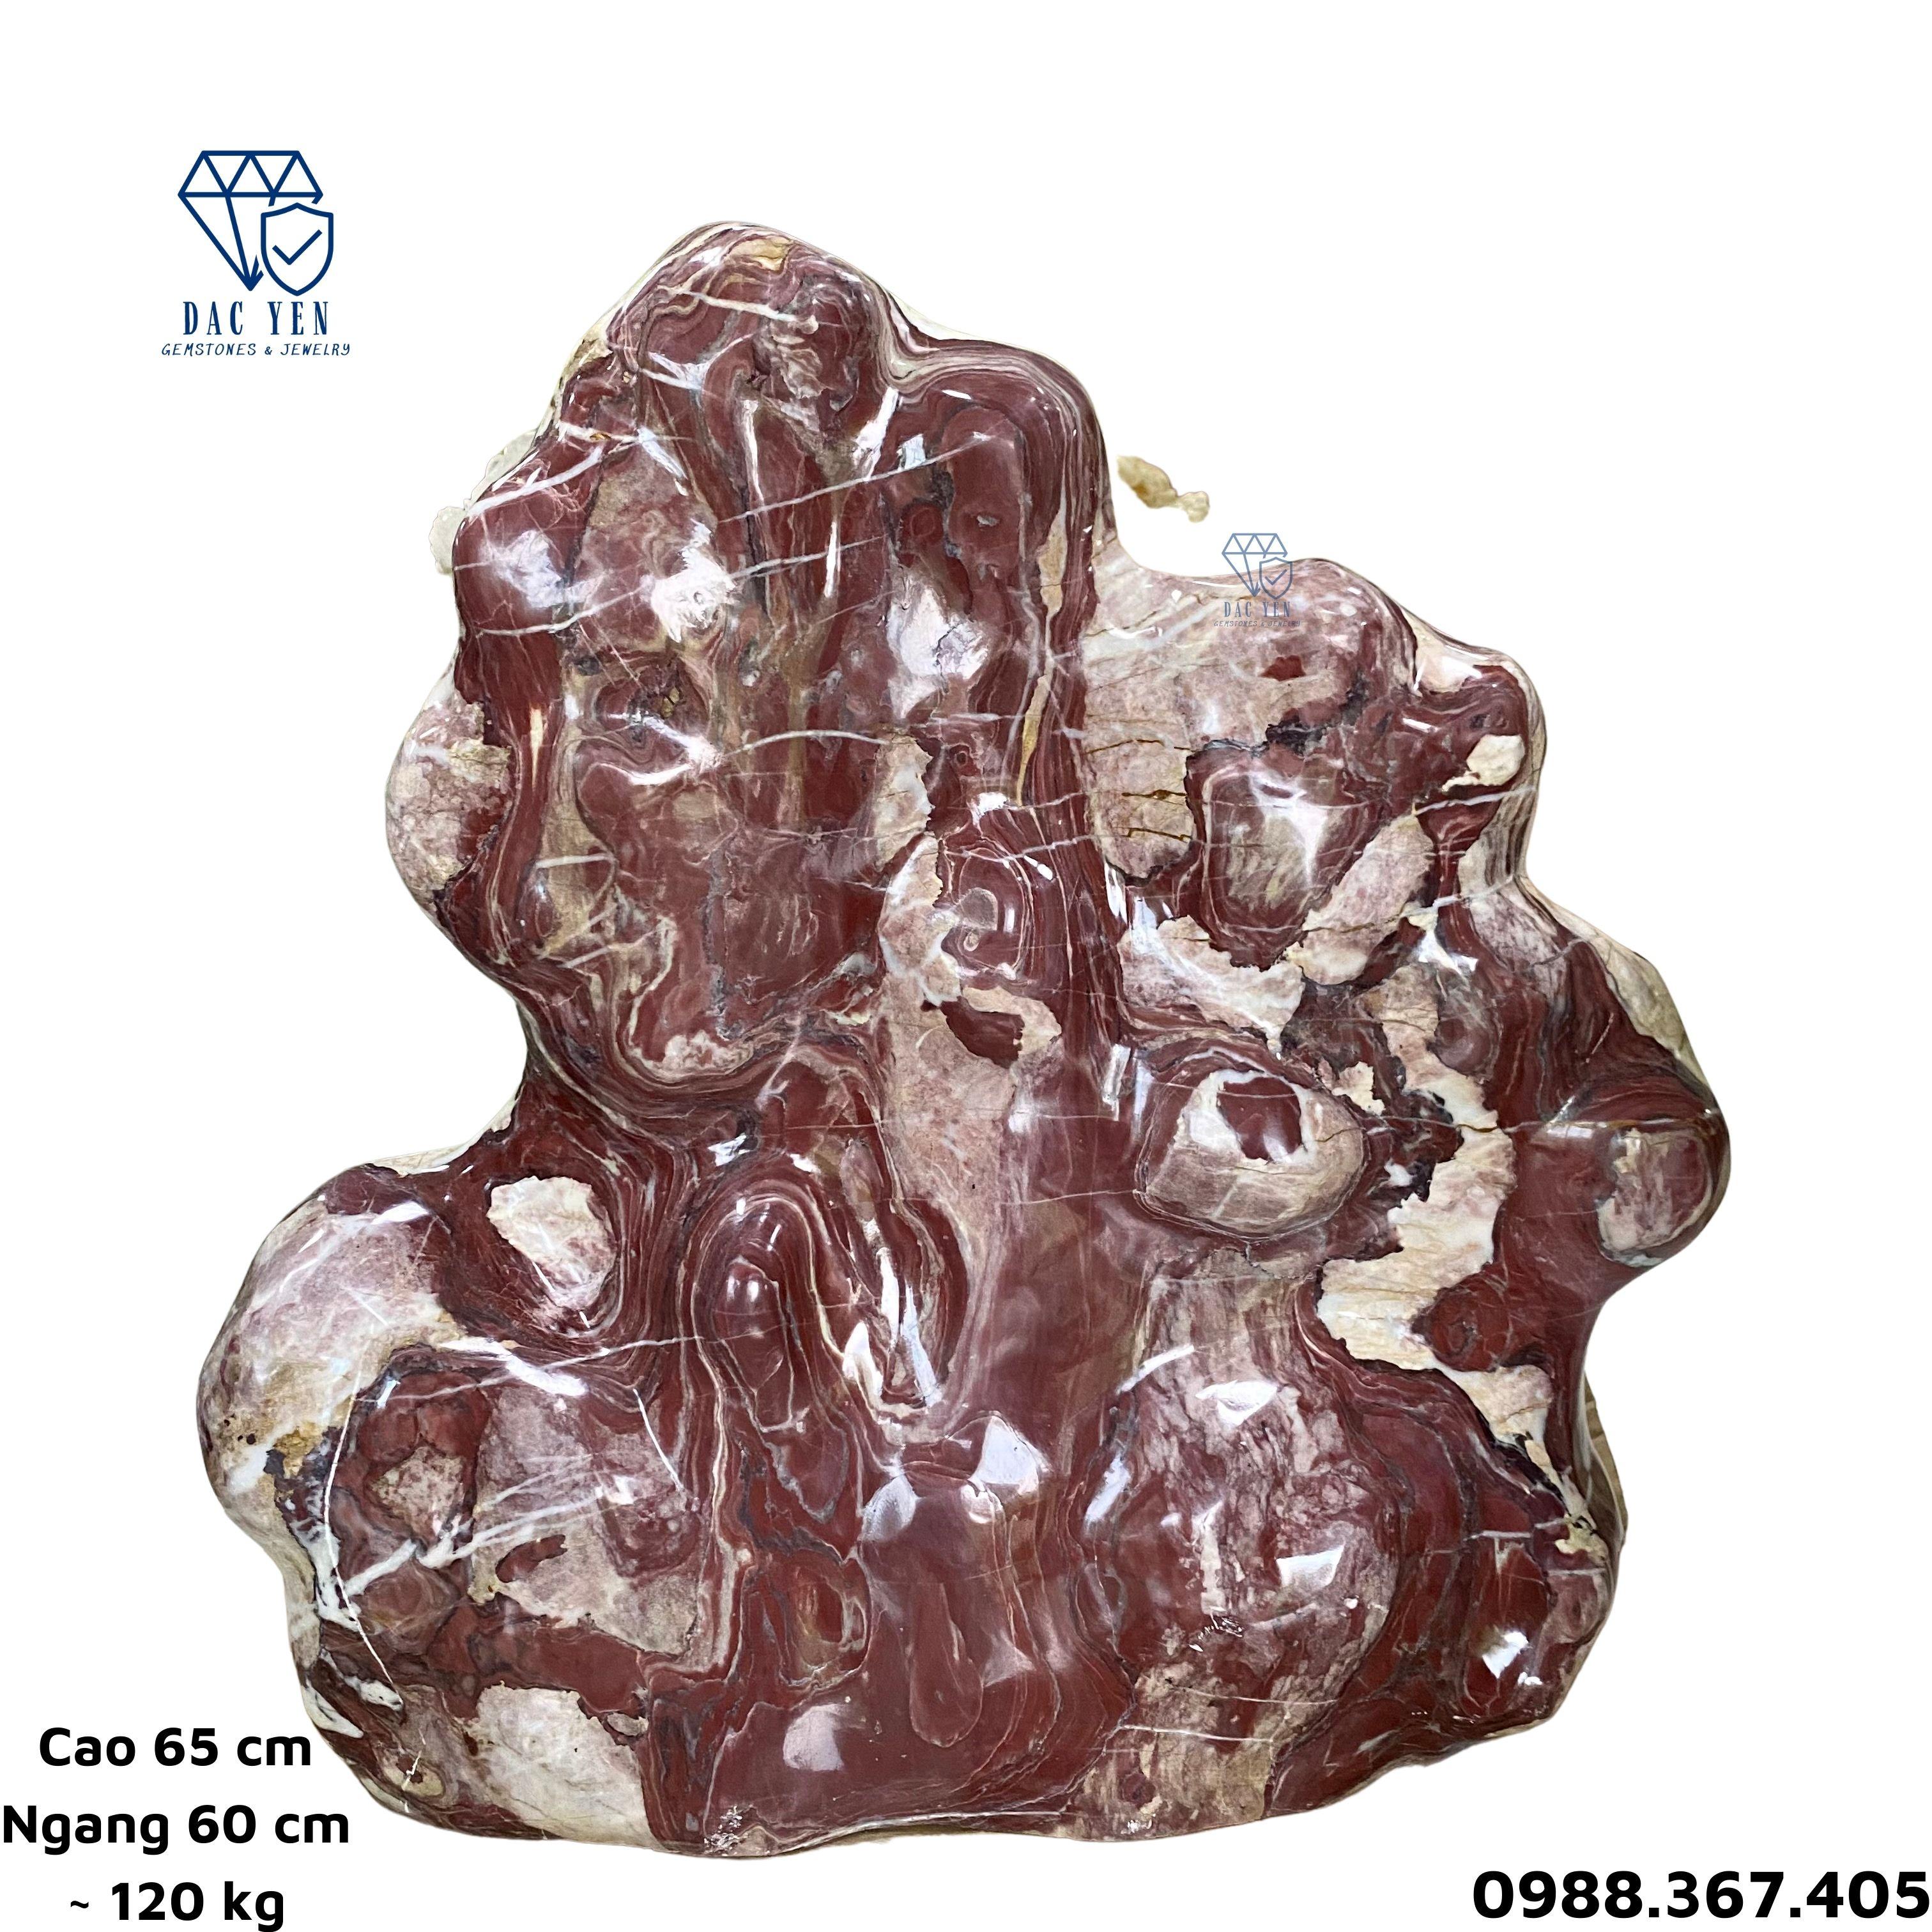 Đá trấn trạch, đá cảnh, đá phong thủy tự nhiên, cây đá phong thủy đẹp